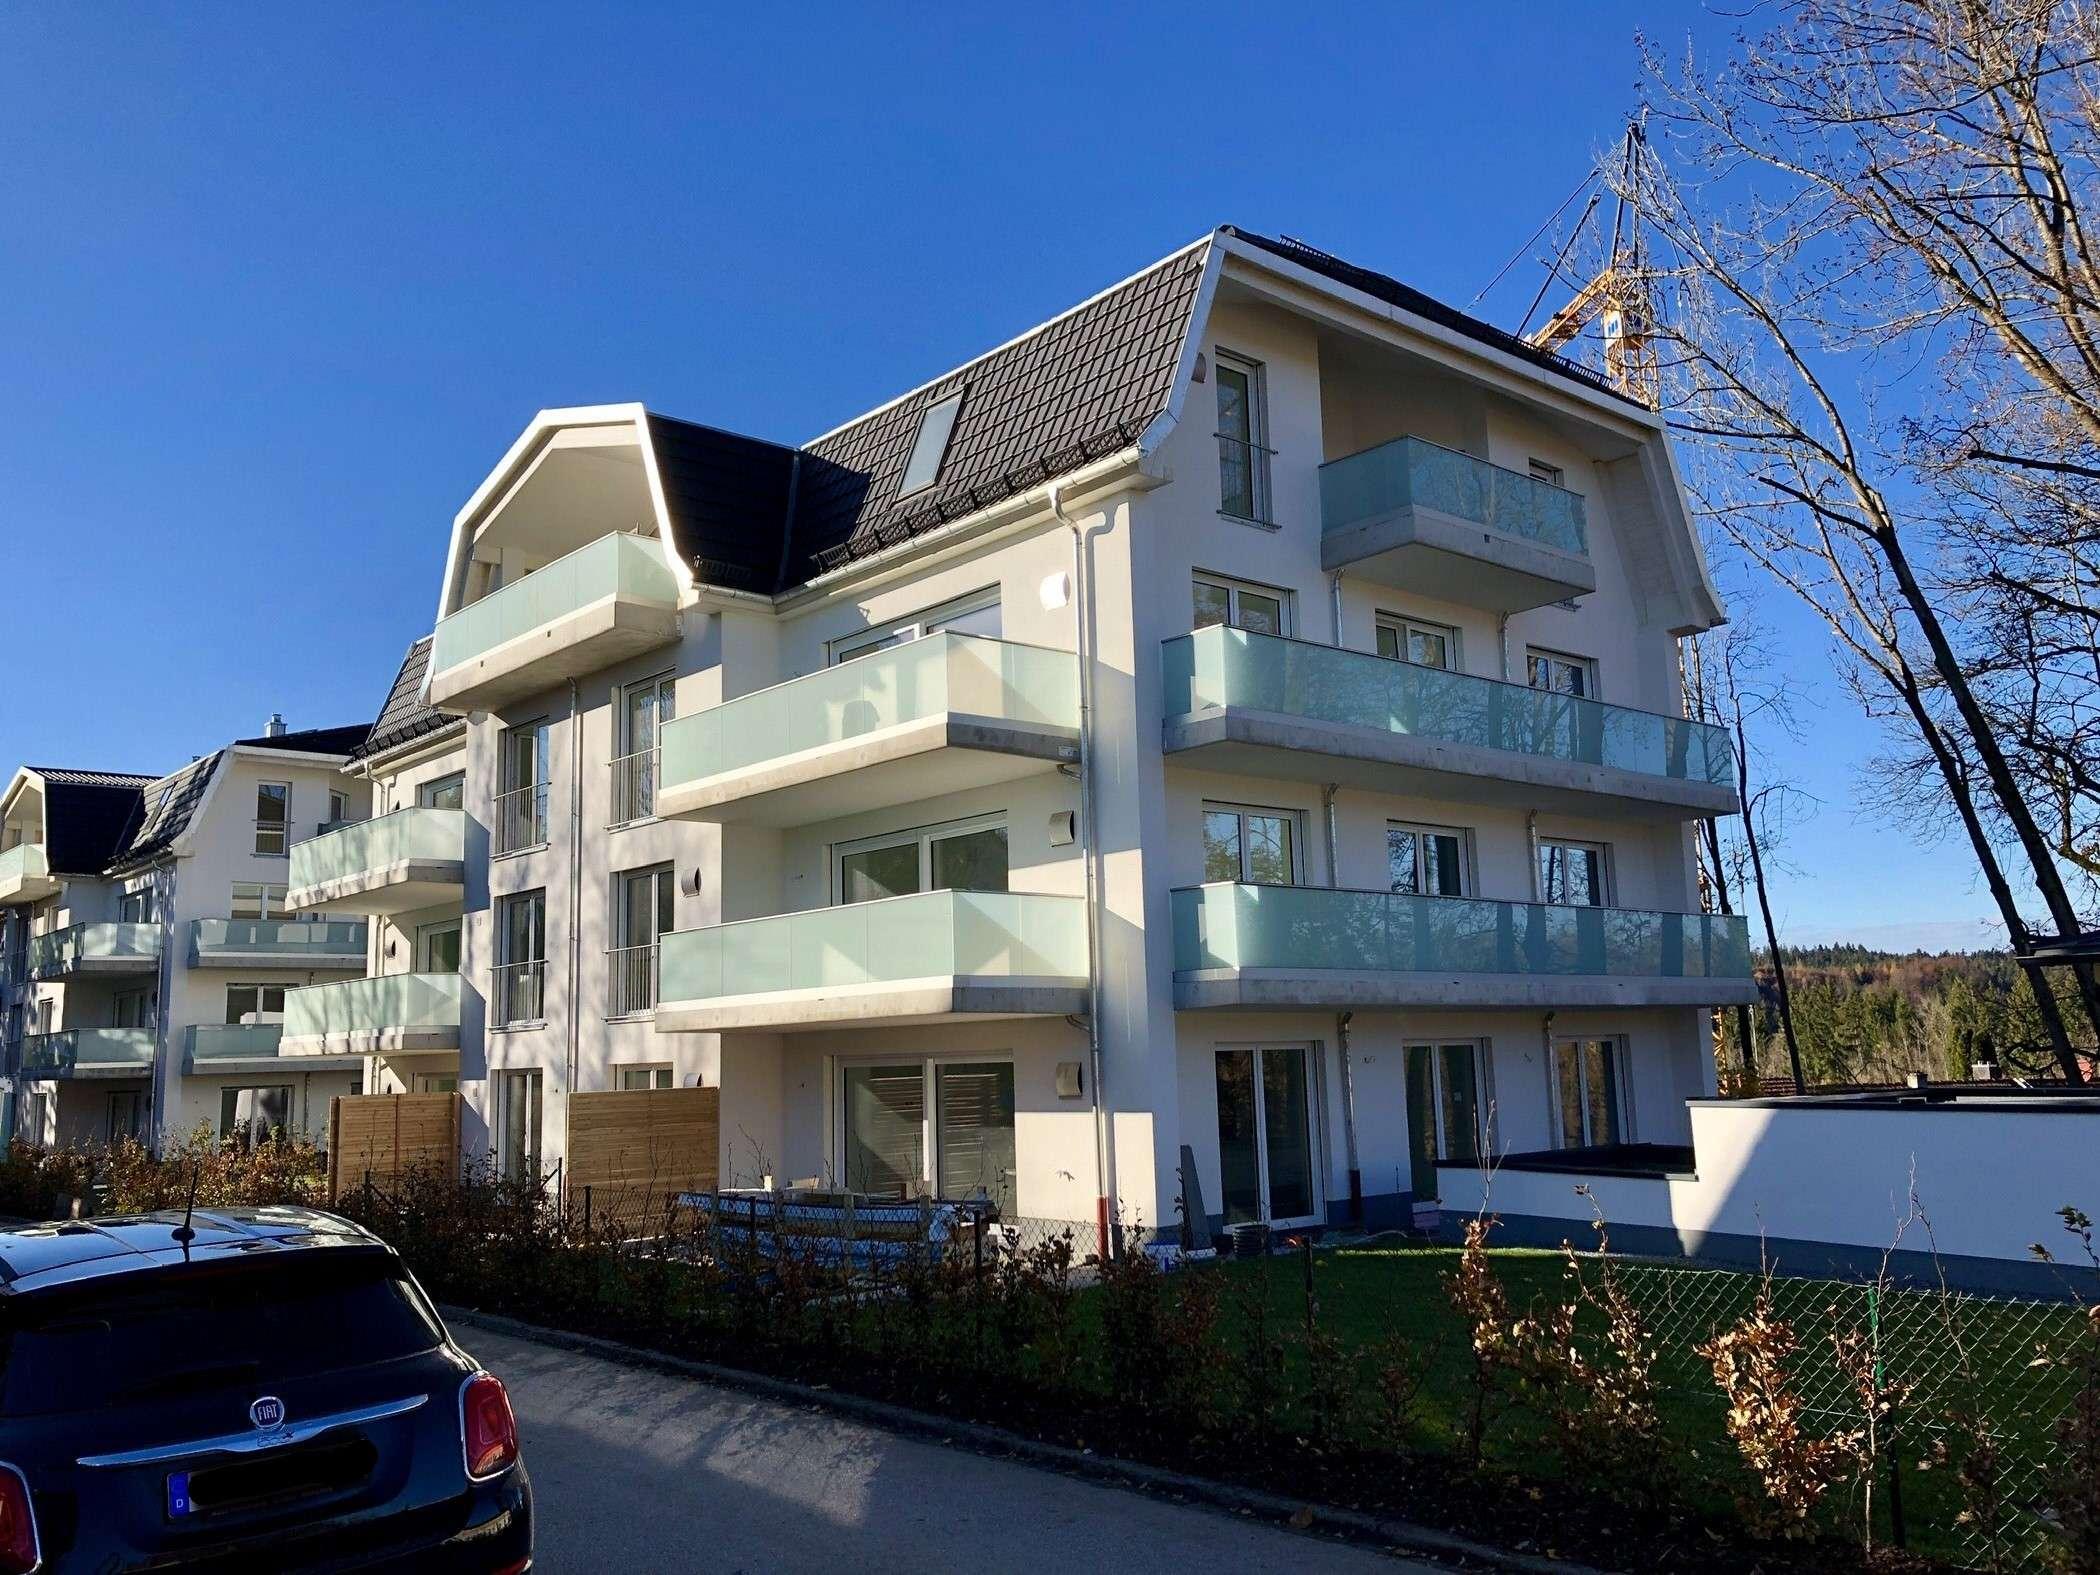 Wohnen direkt an der Isar - Exklusive 3-Zimmer-Wohnung in Bad Tölz in Bad Tölz